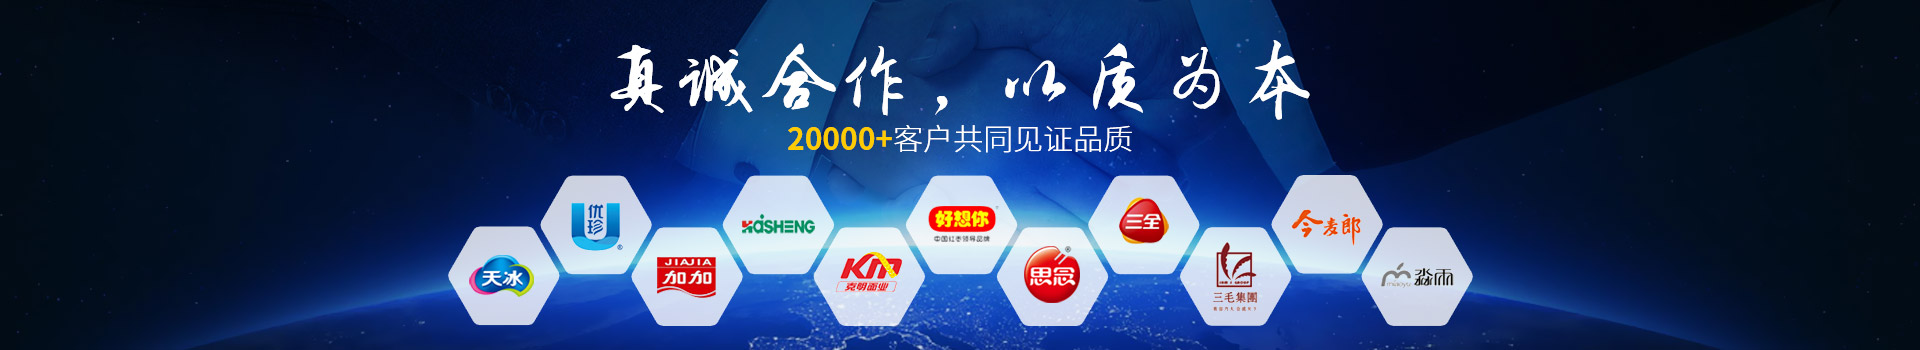 万达环保20000+客户共同见证品质